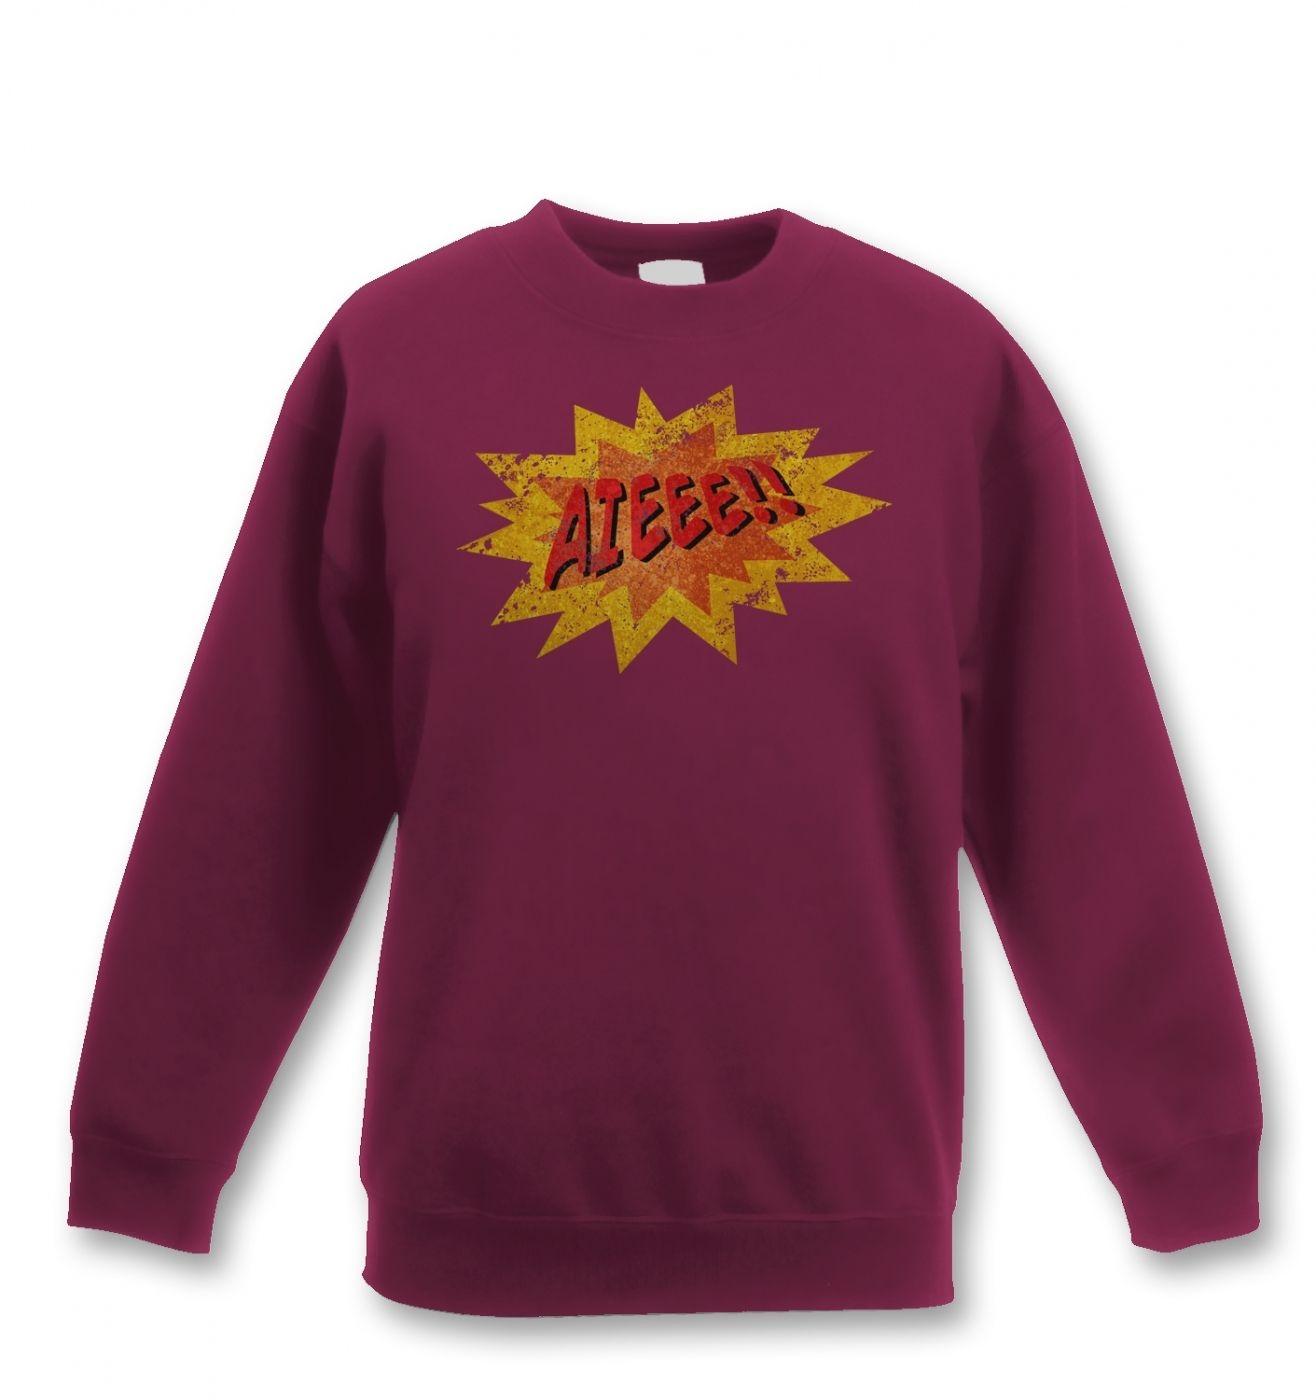 Aieee kids' sweatshirt